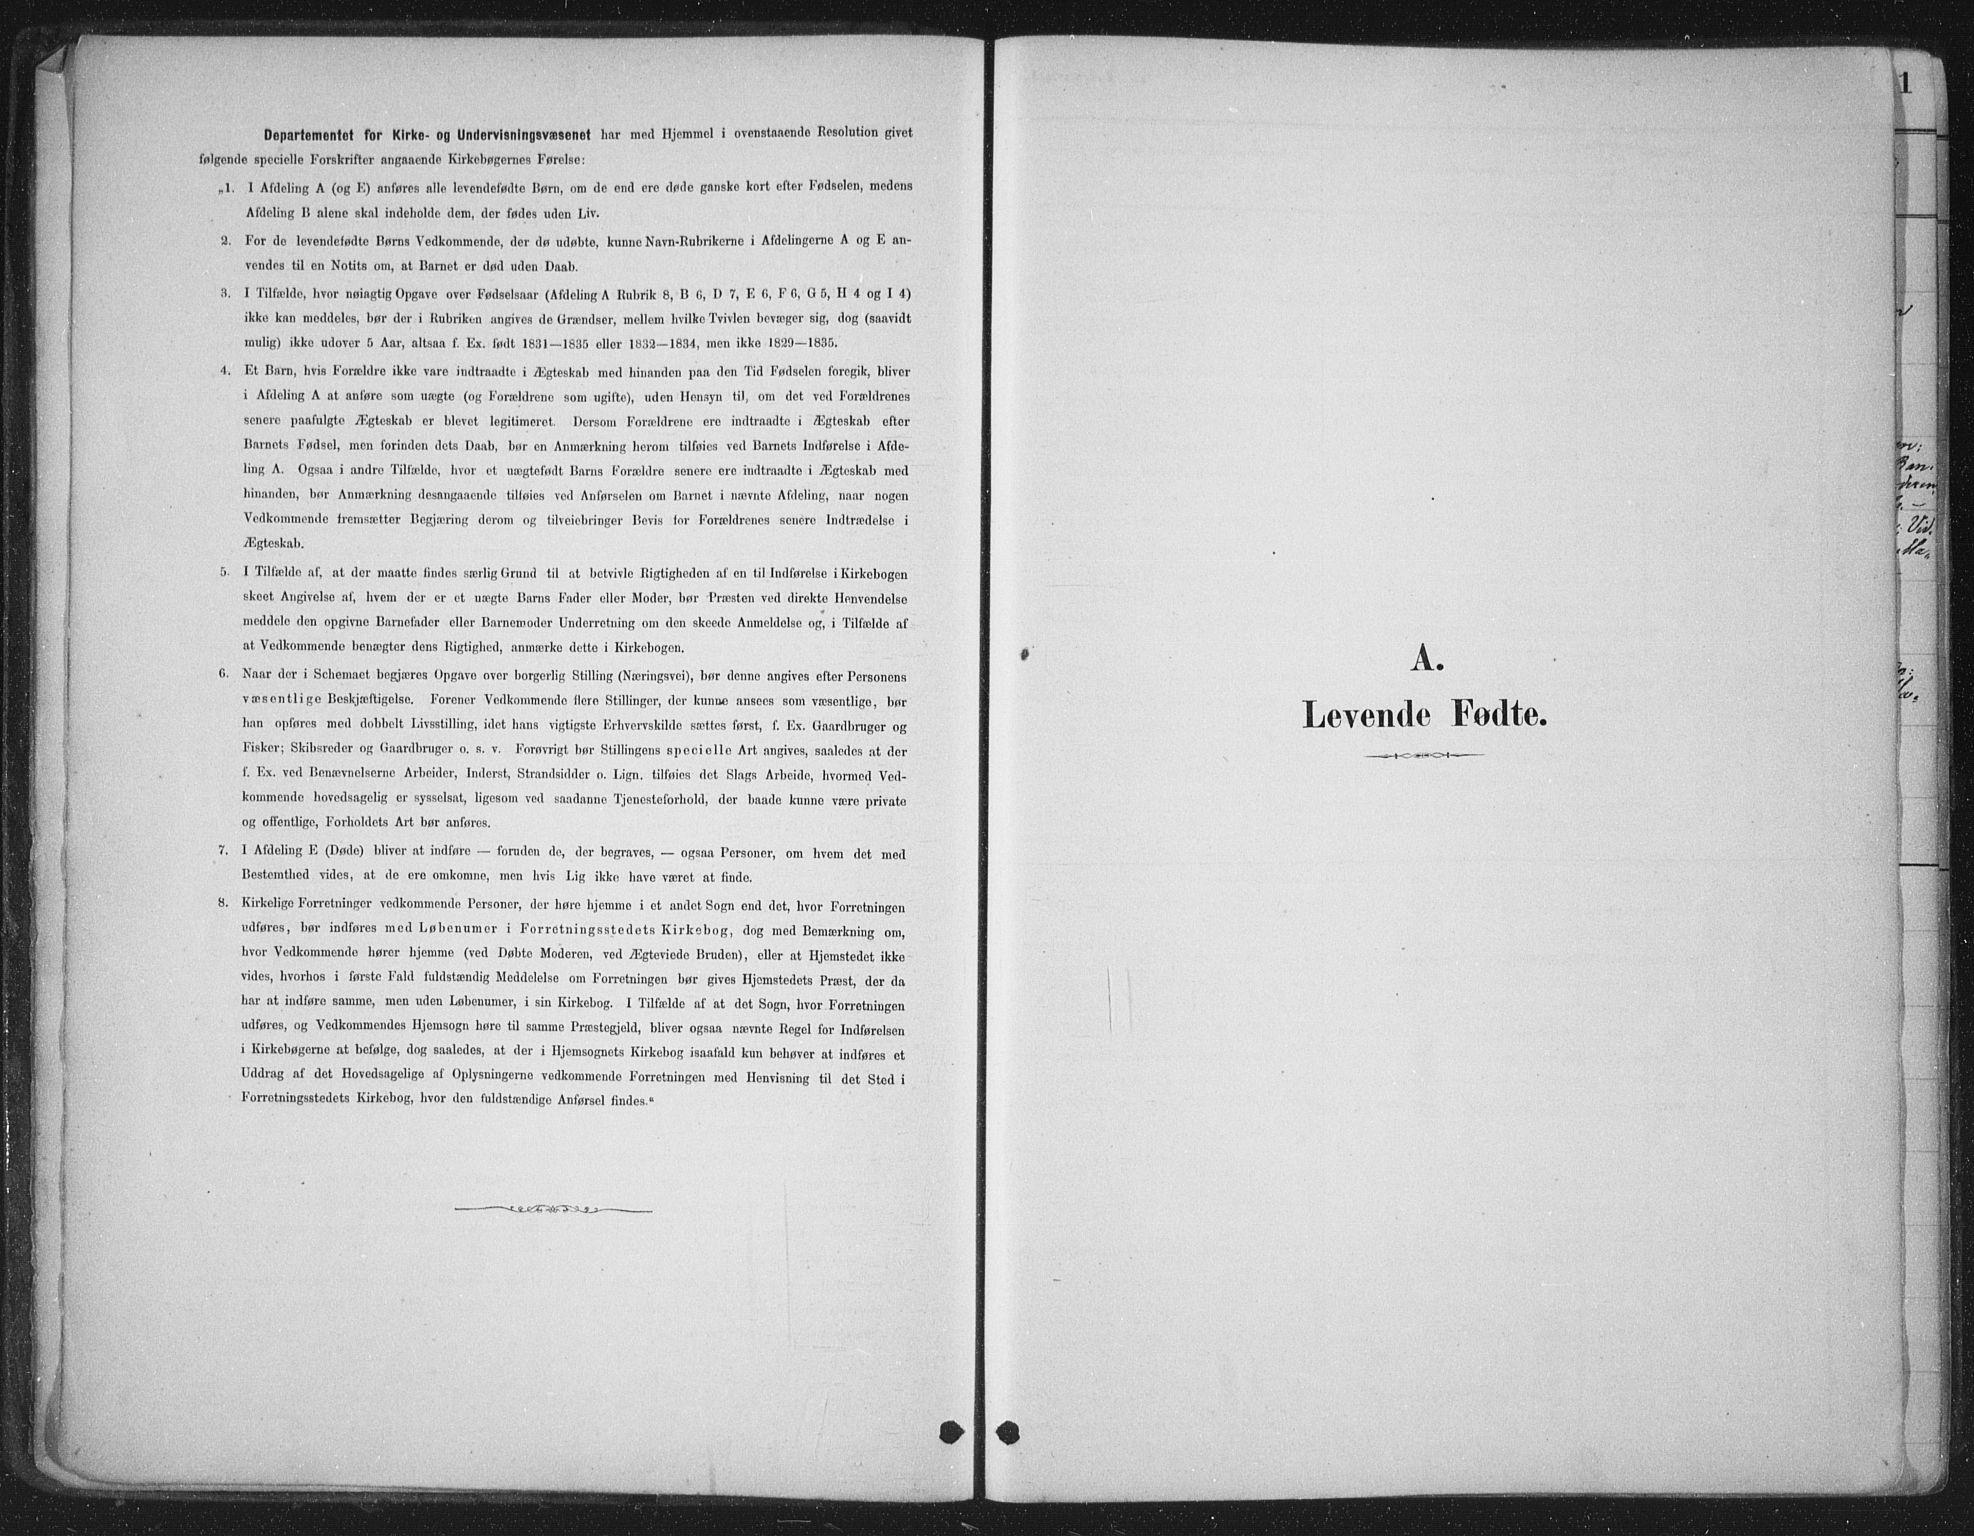 SAT, Ministerialprotokoller, klokkerbøker og fødselsregistre - Sør-Trøndelag, 662/L0755: Ministerialbok nr. 662A01, 1879-1905